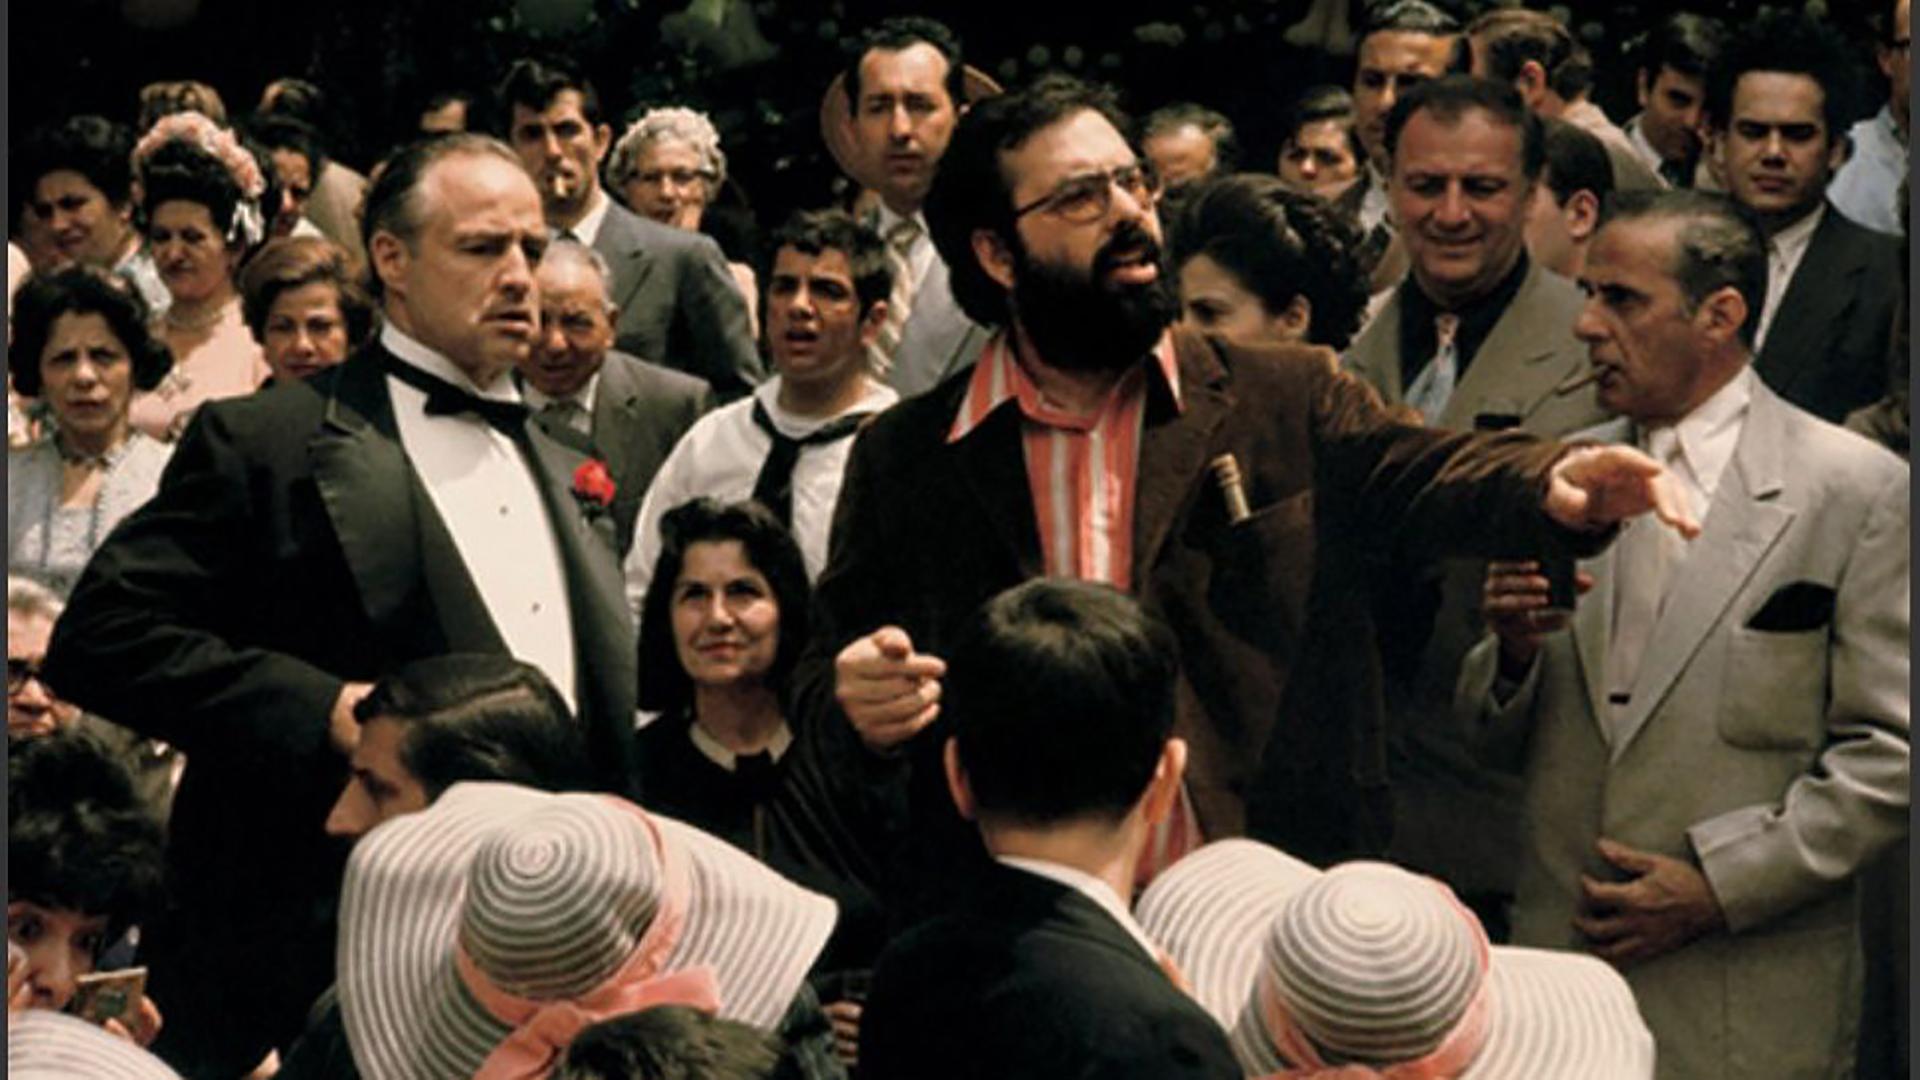 Muchos críticos y especialistas en cine consideran la película El Padrino como la mejor de toda la historia en torno a temáticas de narcotráfico (Foto: Fichero)